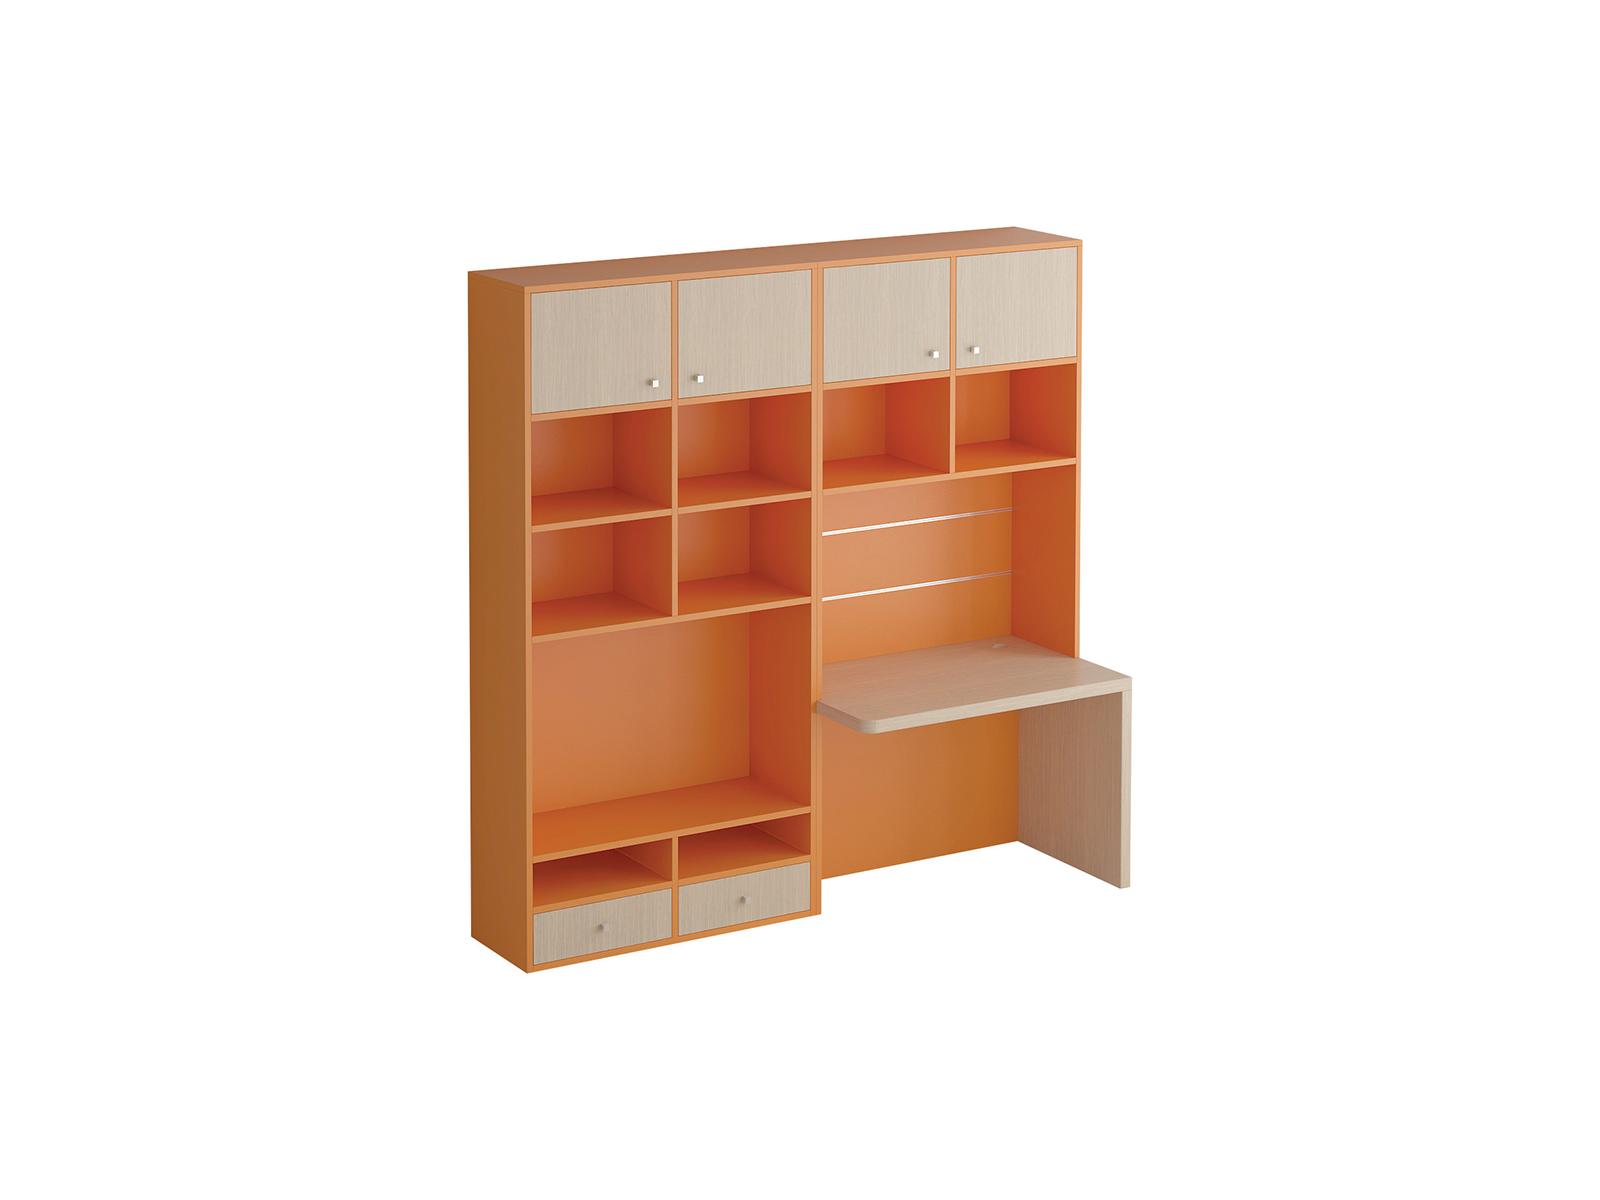 Композиция Pinokkio №11_1Основной раздел каталога<br>Широкий ассортимент модулей и яркий выбор цветов корпусов и фасадов. В коллекции ипользуется фурнитура производства Италии.<br>